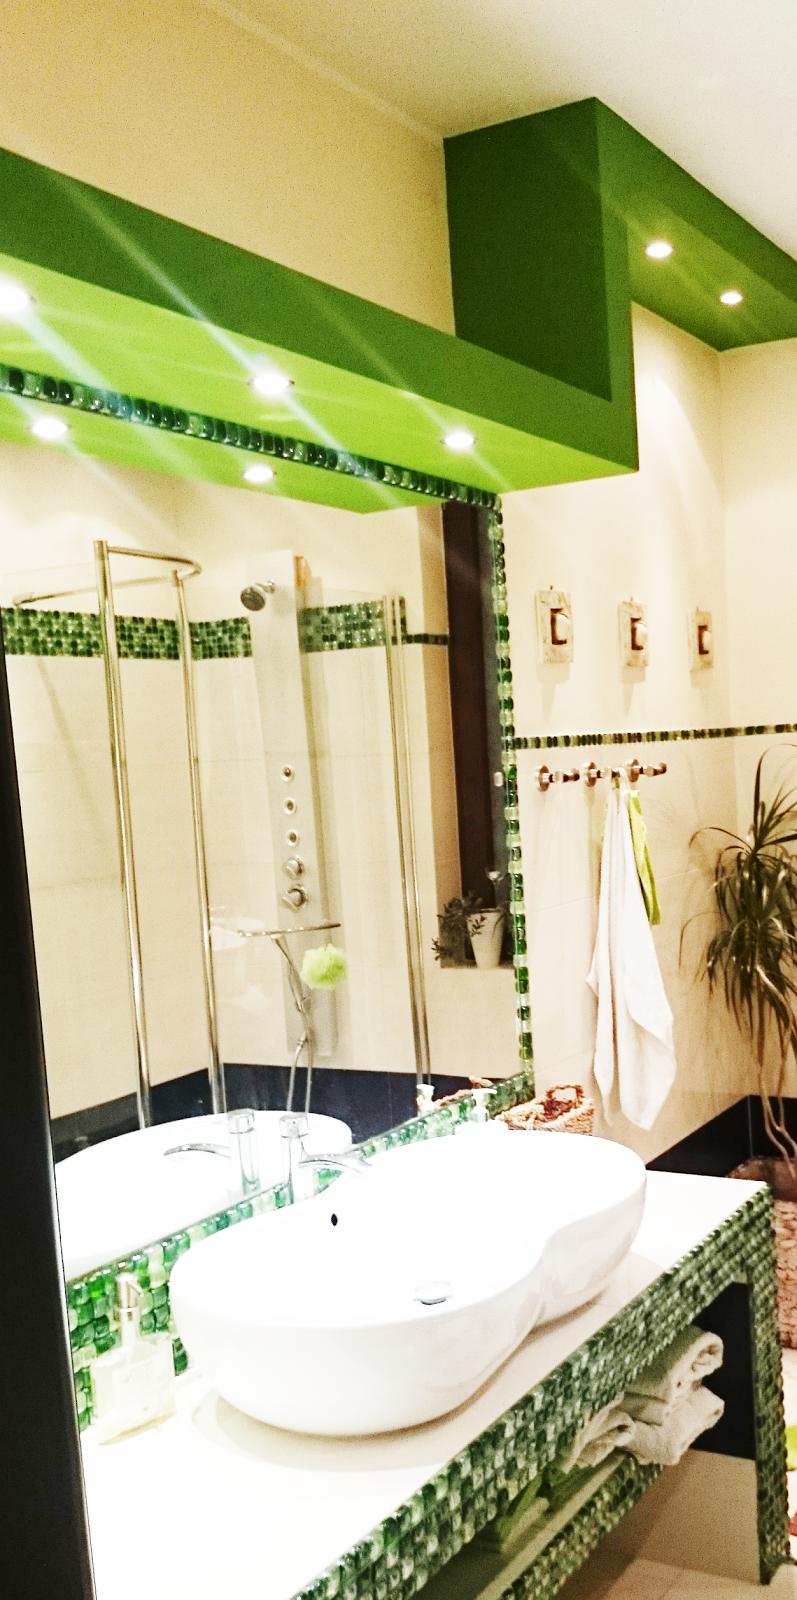 piękne podwieszane sufity,podwieszany sufit inspiracje,blog o wnętrzach,DIy,jak zaprojektować łazienkę,ile potzreba miejsca przy toalecie,duże lustro w łazience,mozaika w łazience,asymetryczny sufit,nietypowy sufit,inspiracje sufit,blogerka szczecin,interiors,interiors design polish